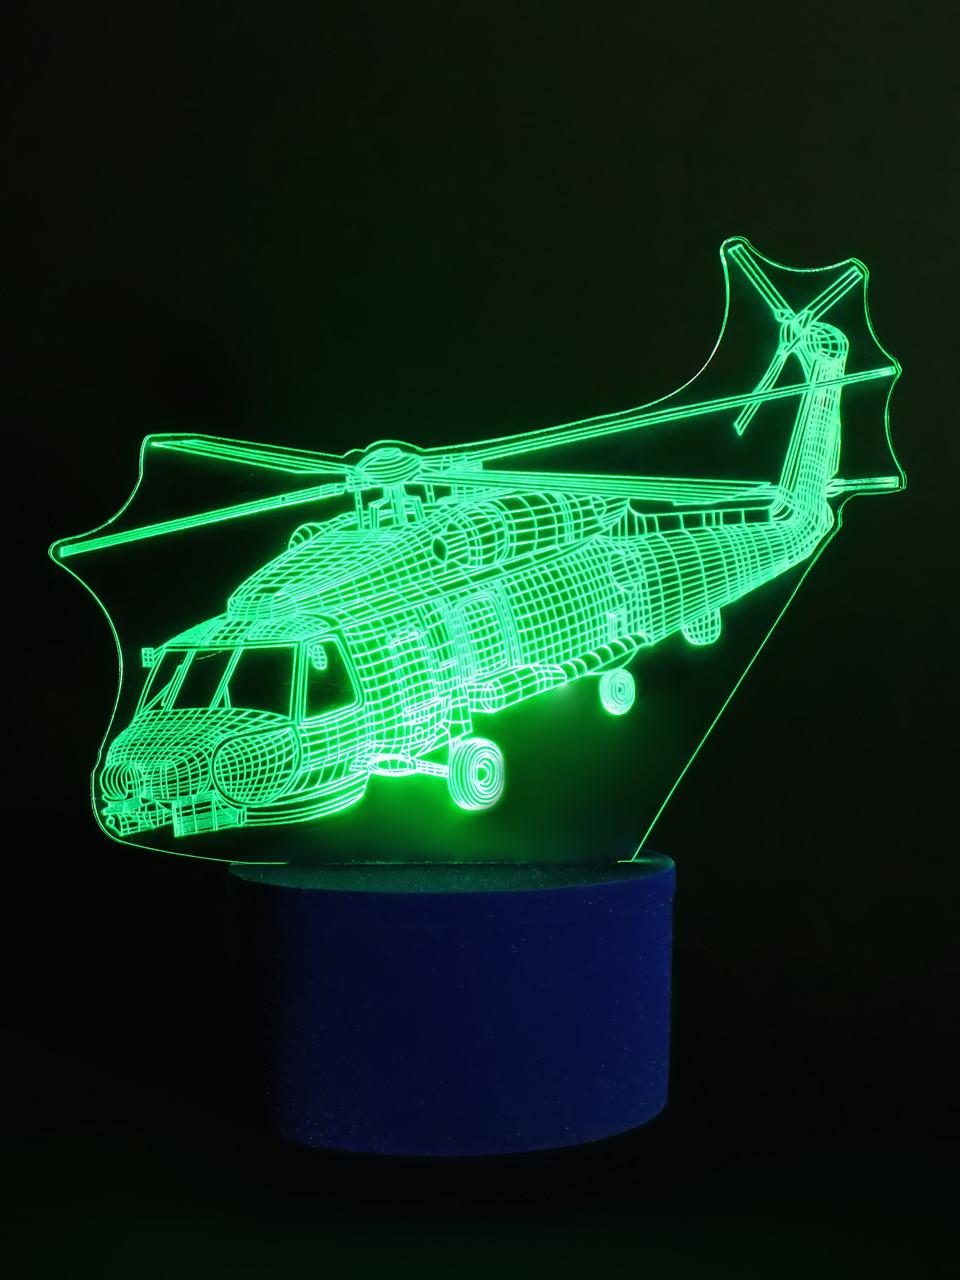 3d-світильник Вертоліт, 3д-нічник, кілька підсвічувань (на пульті)